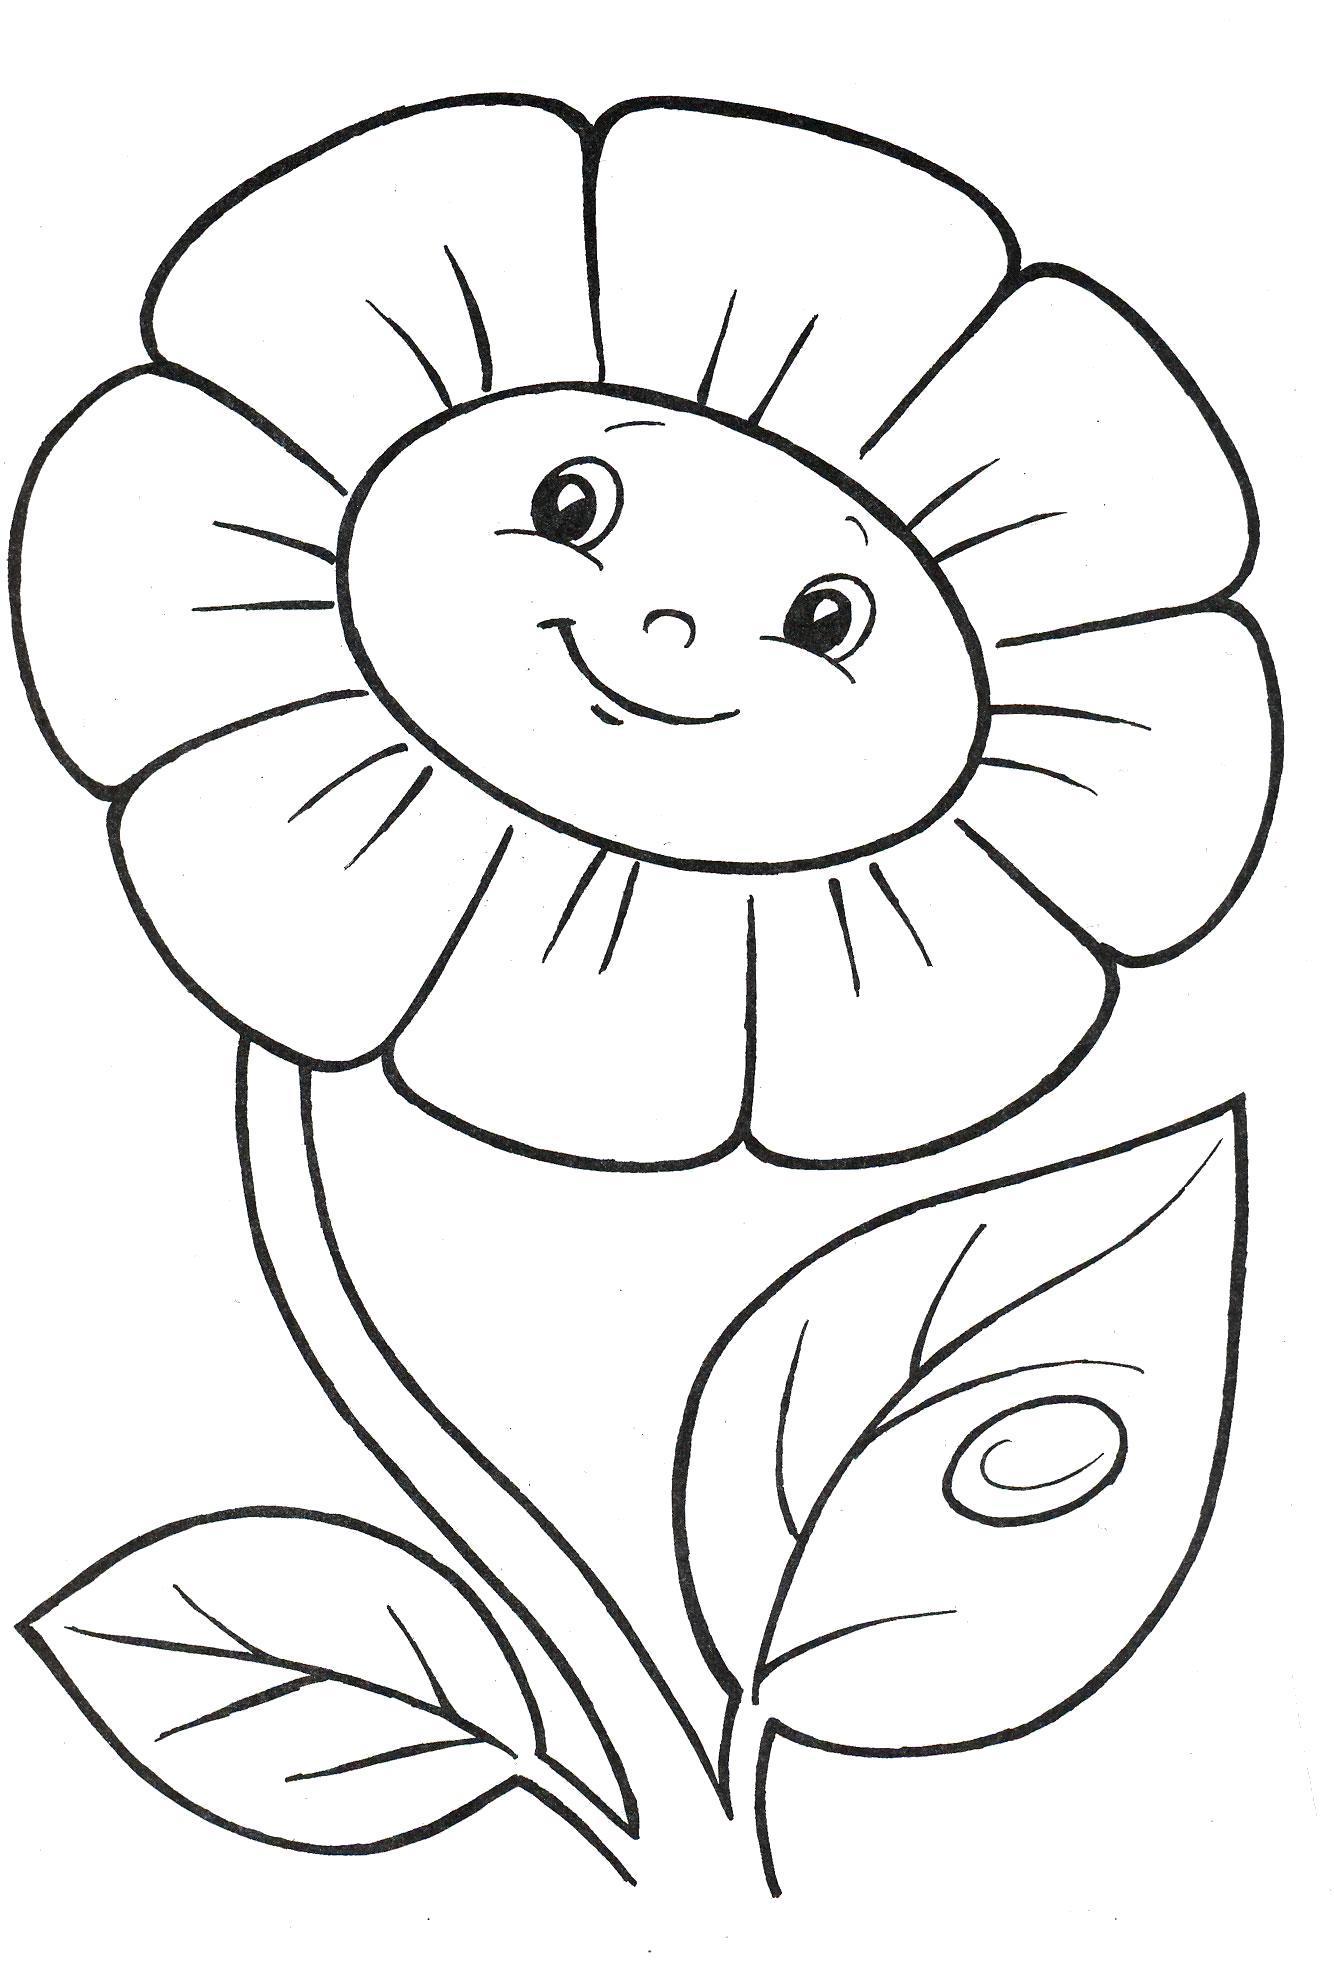 Раскраска Картинки ромашка для детей. Скачать Ромашка.  Распечатать Ромашка